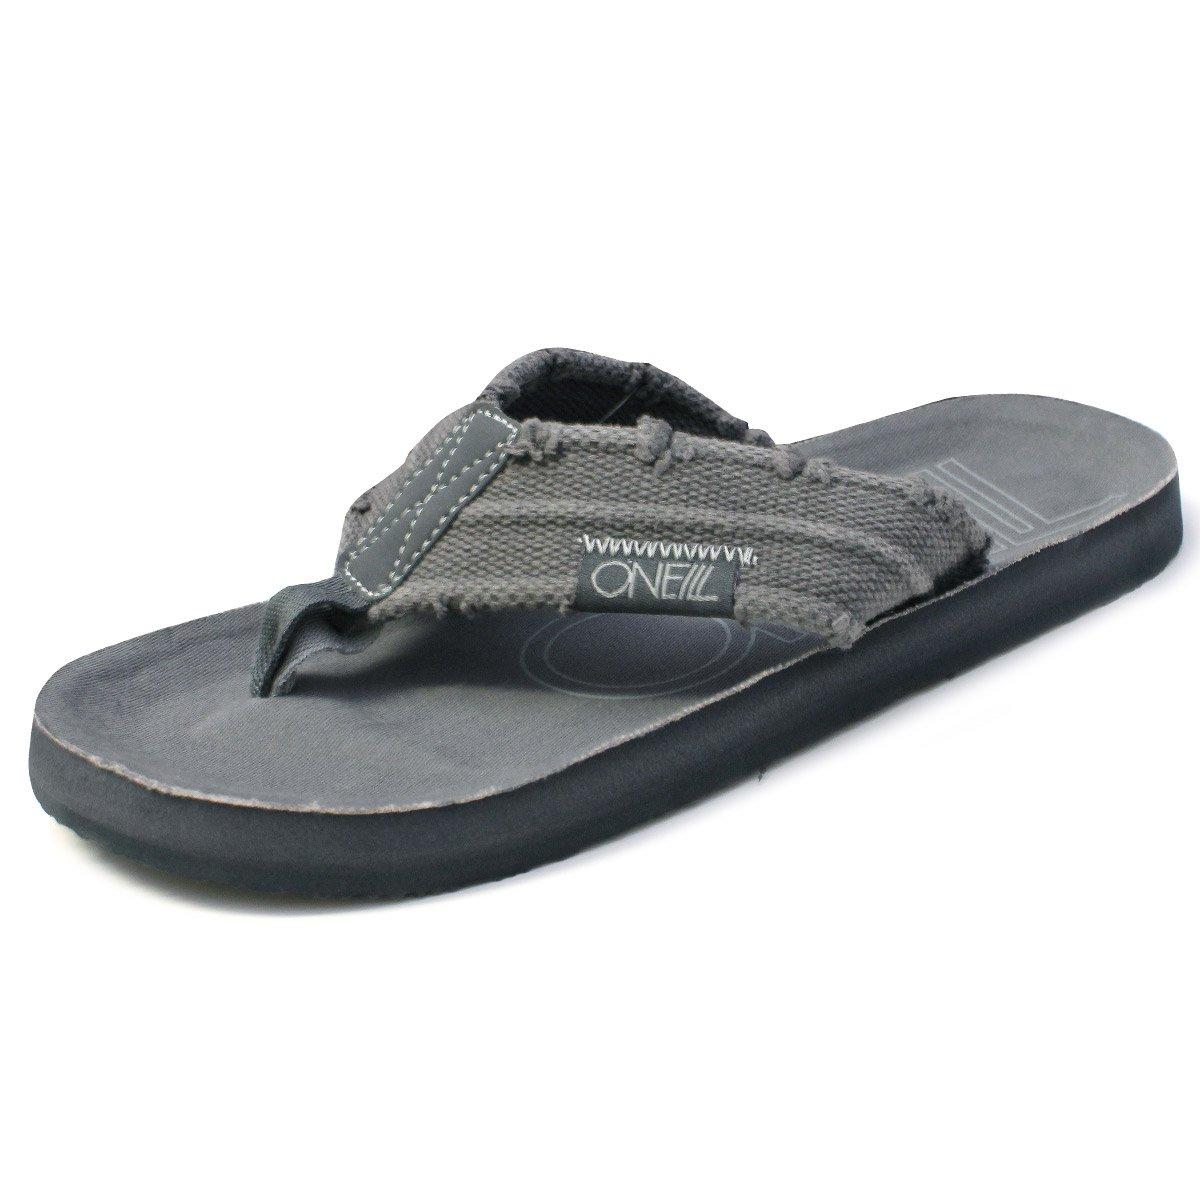 68c73c7af9bf8 O Neill Mens Chad Sandals Flip Flops (UK 9